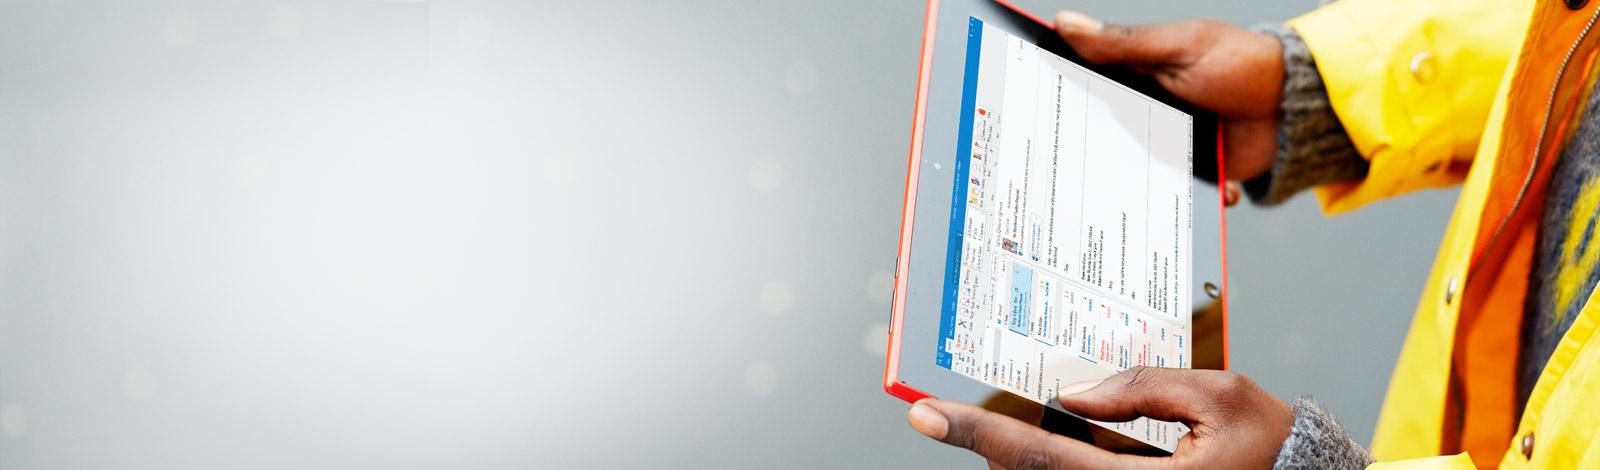 Moški s tabličnim računalnikom v rokah. S storitvijo Office 365 lahko delo opravite kjer koli.